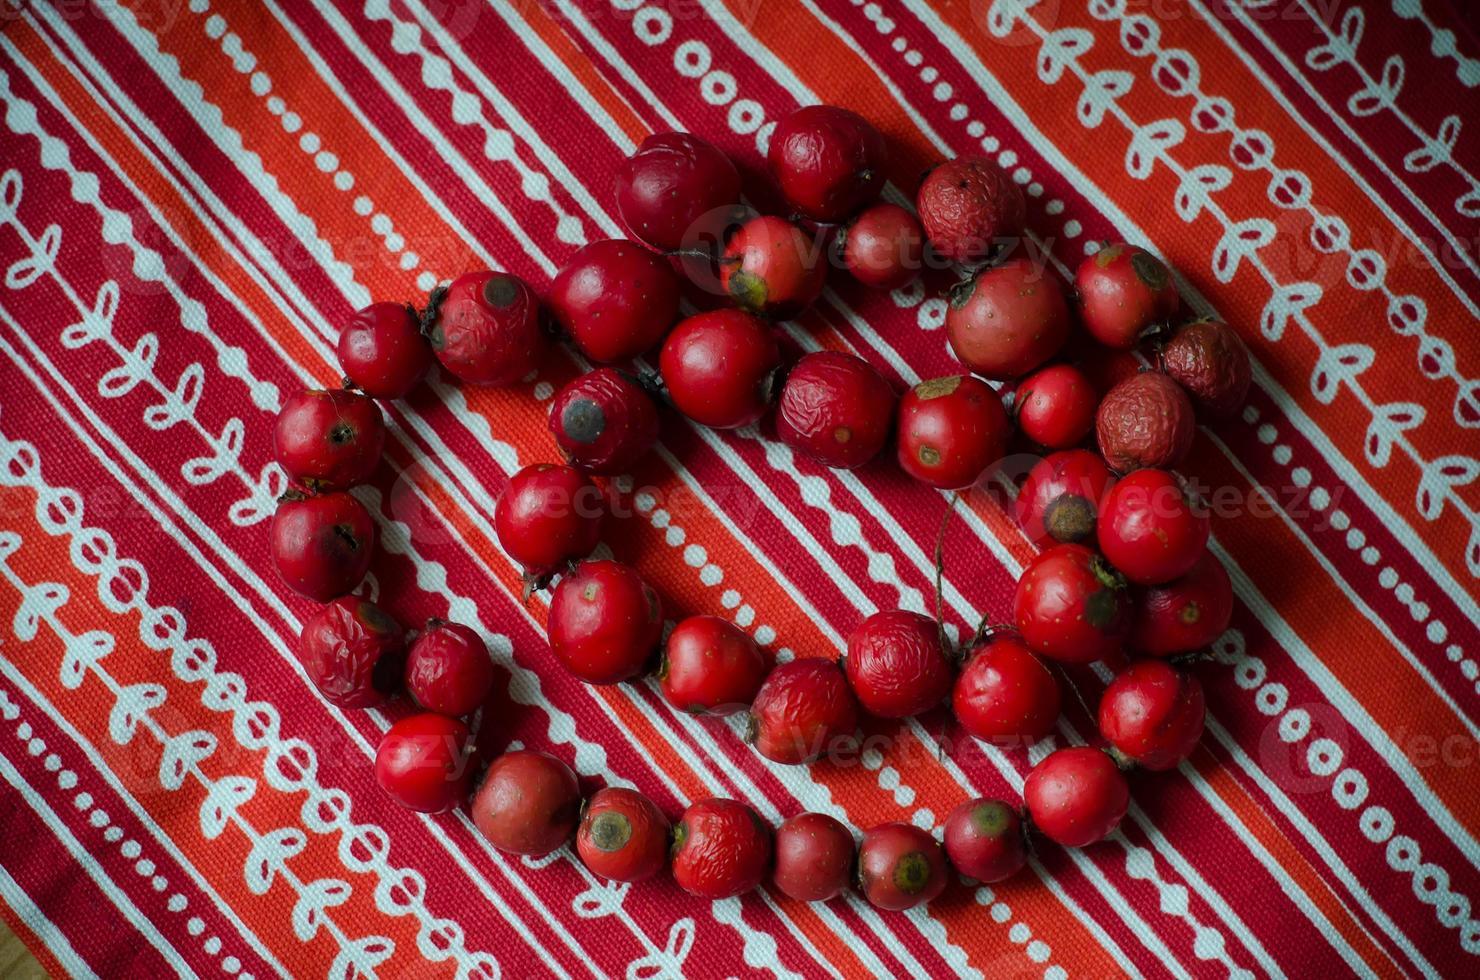 perle rosse di bacche di rosa canina foto